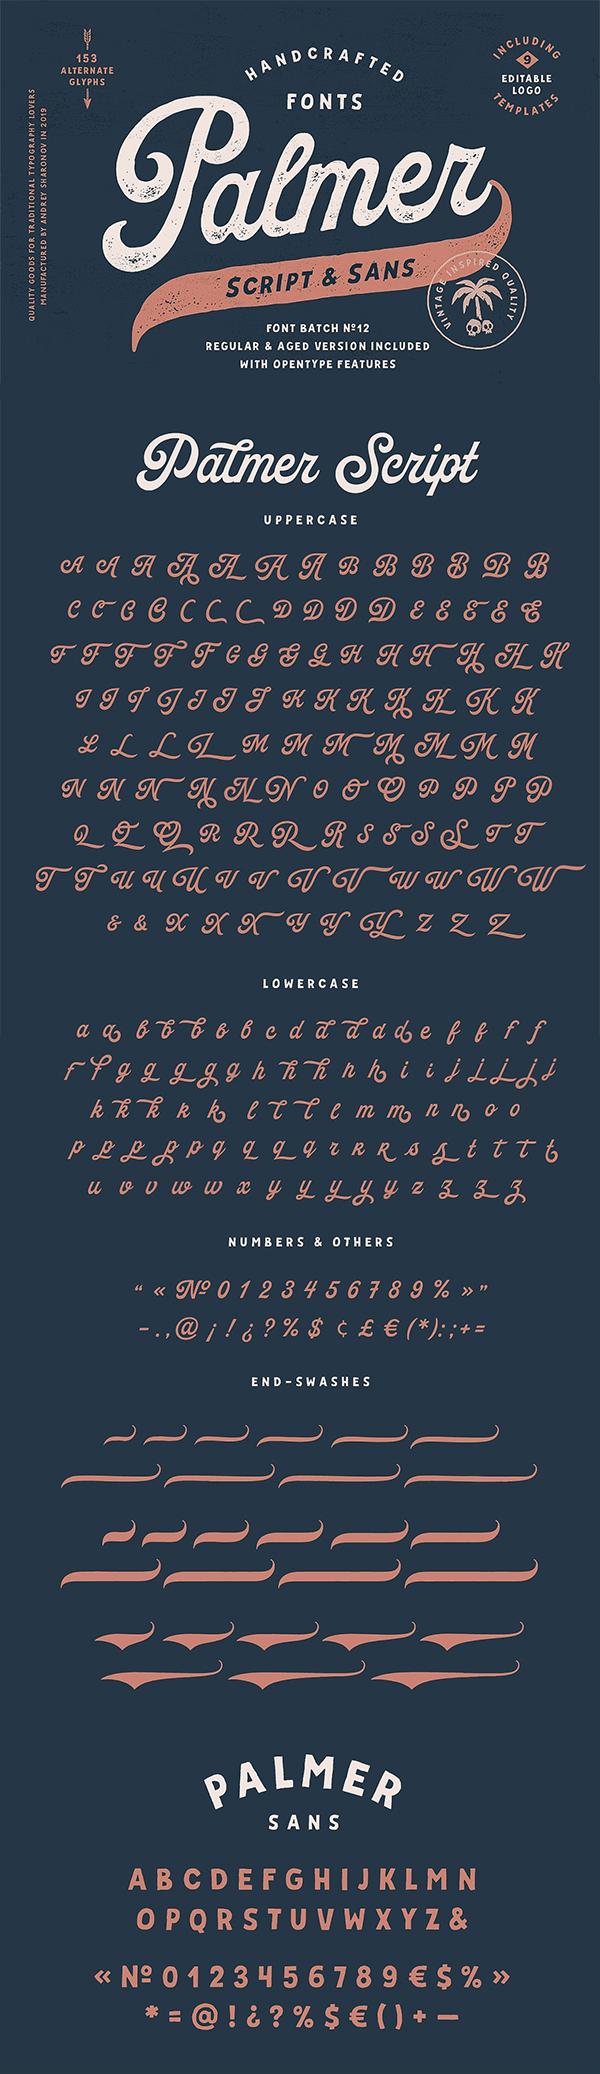 Palmer Script & Sans Font